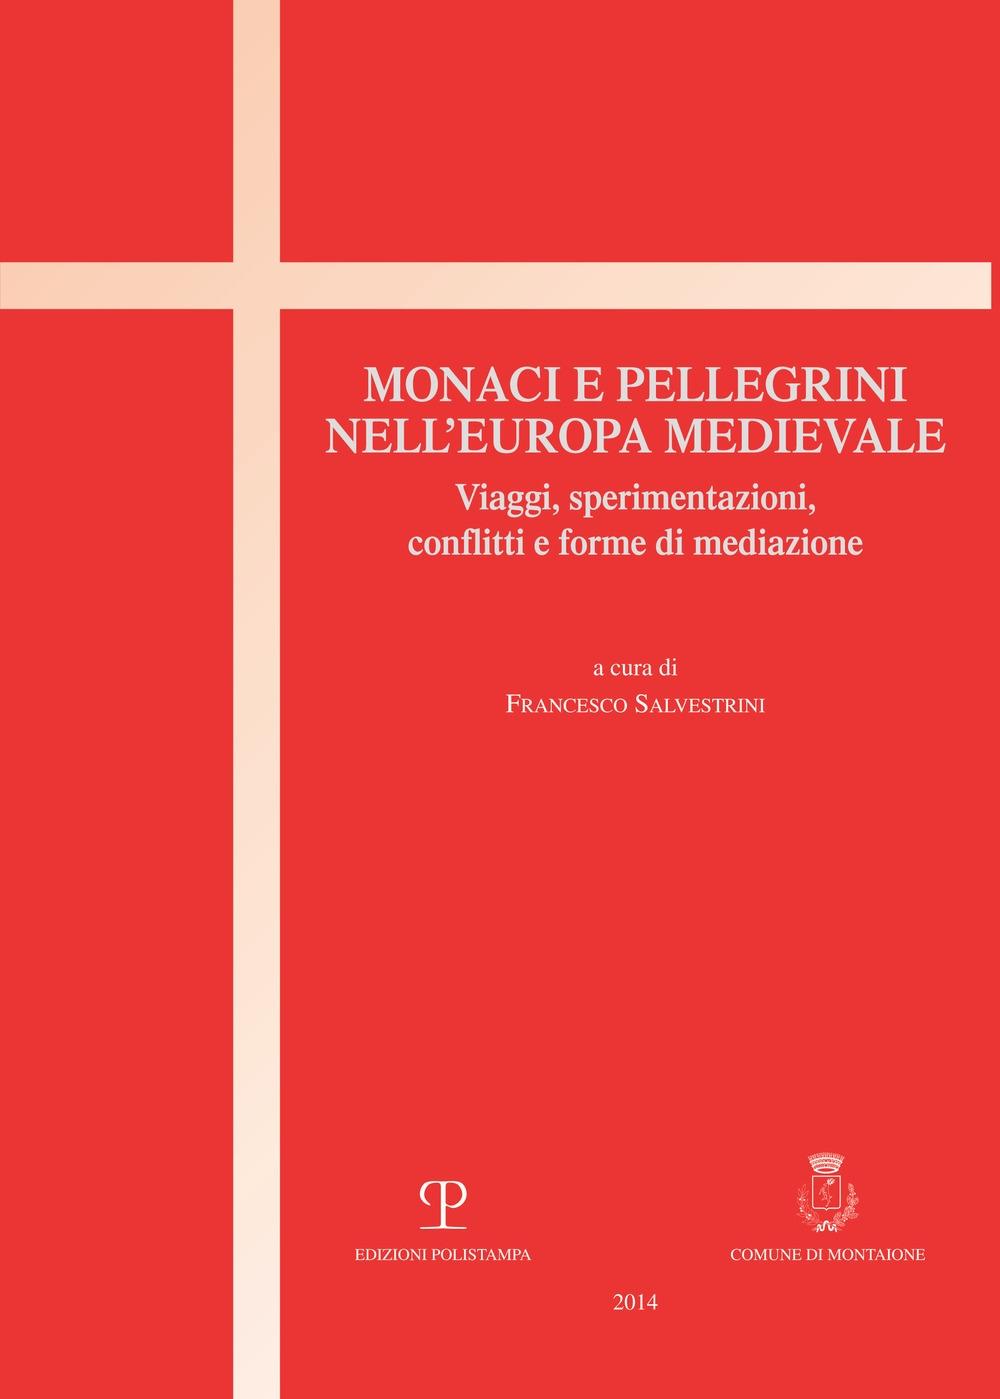 Monaci e pellegrini nell'Europa medievale. Viaggi, sperimentazioni, conflitti e forme di mediazione